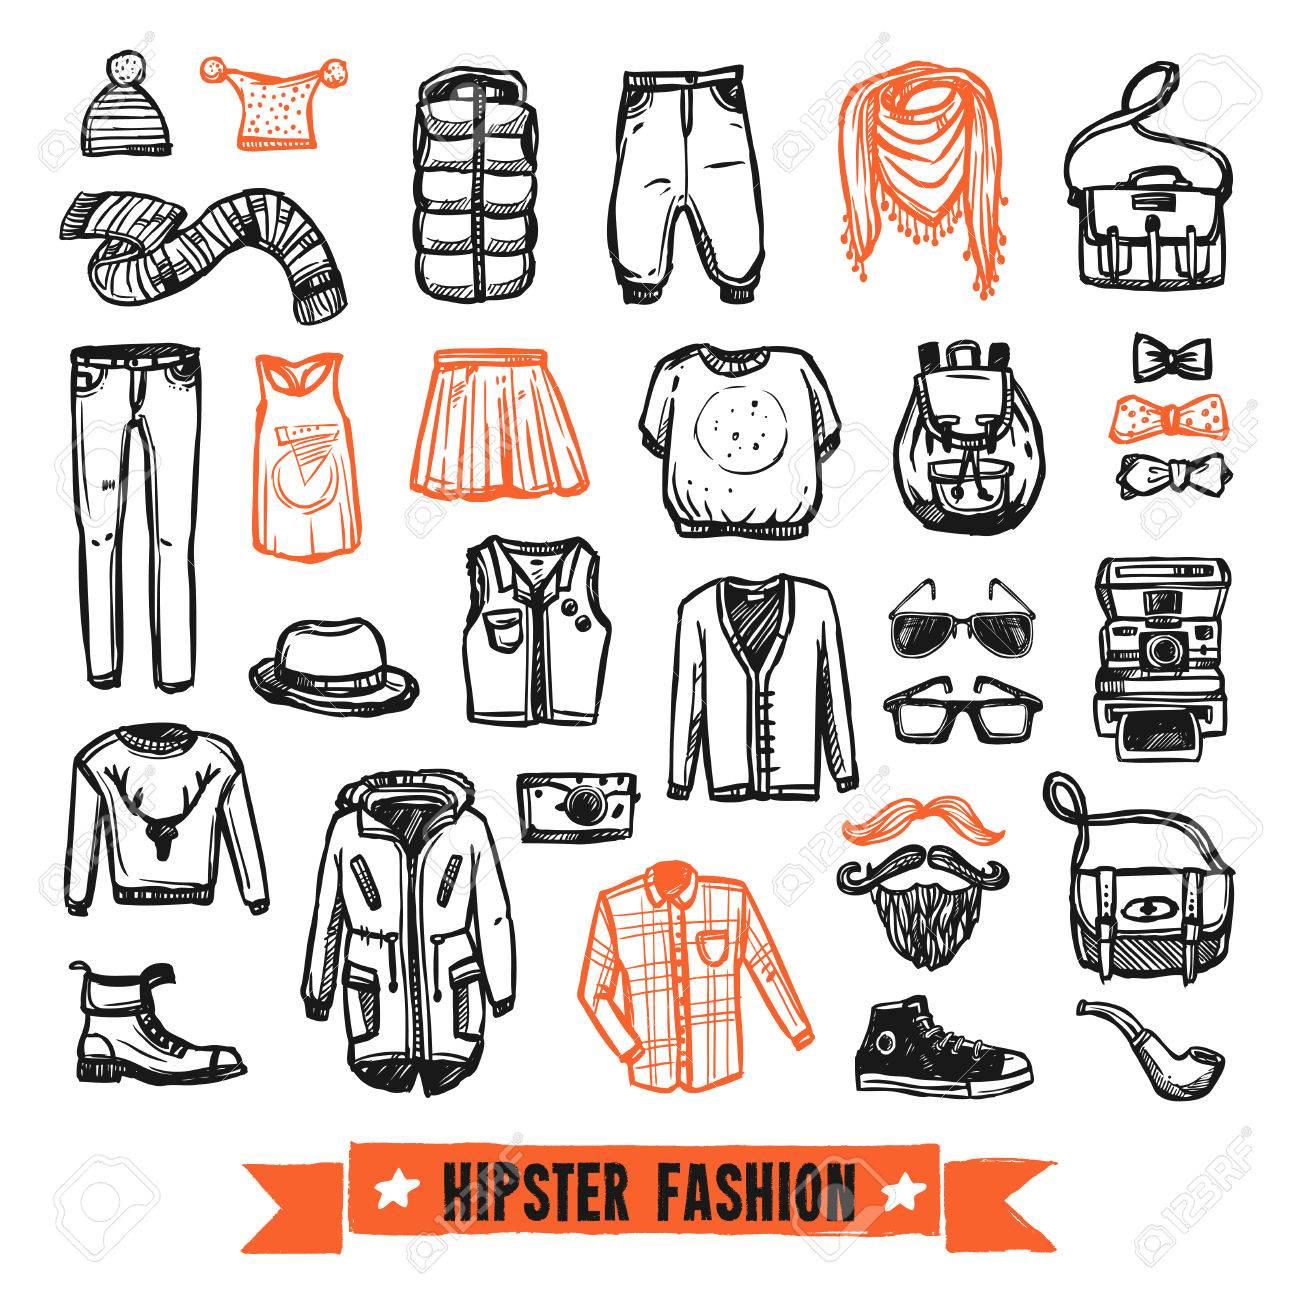 Foto de archivo - Ropa de moda última moda y accesorios modernos  pictogramas de estilo dibujo negro y naranja vector de recogida ilustración  abstracta ... d572c0e817f